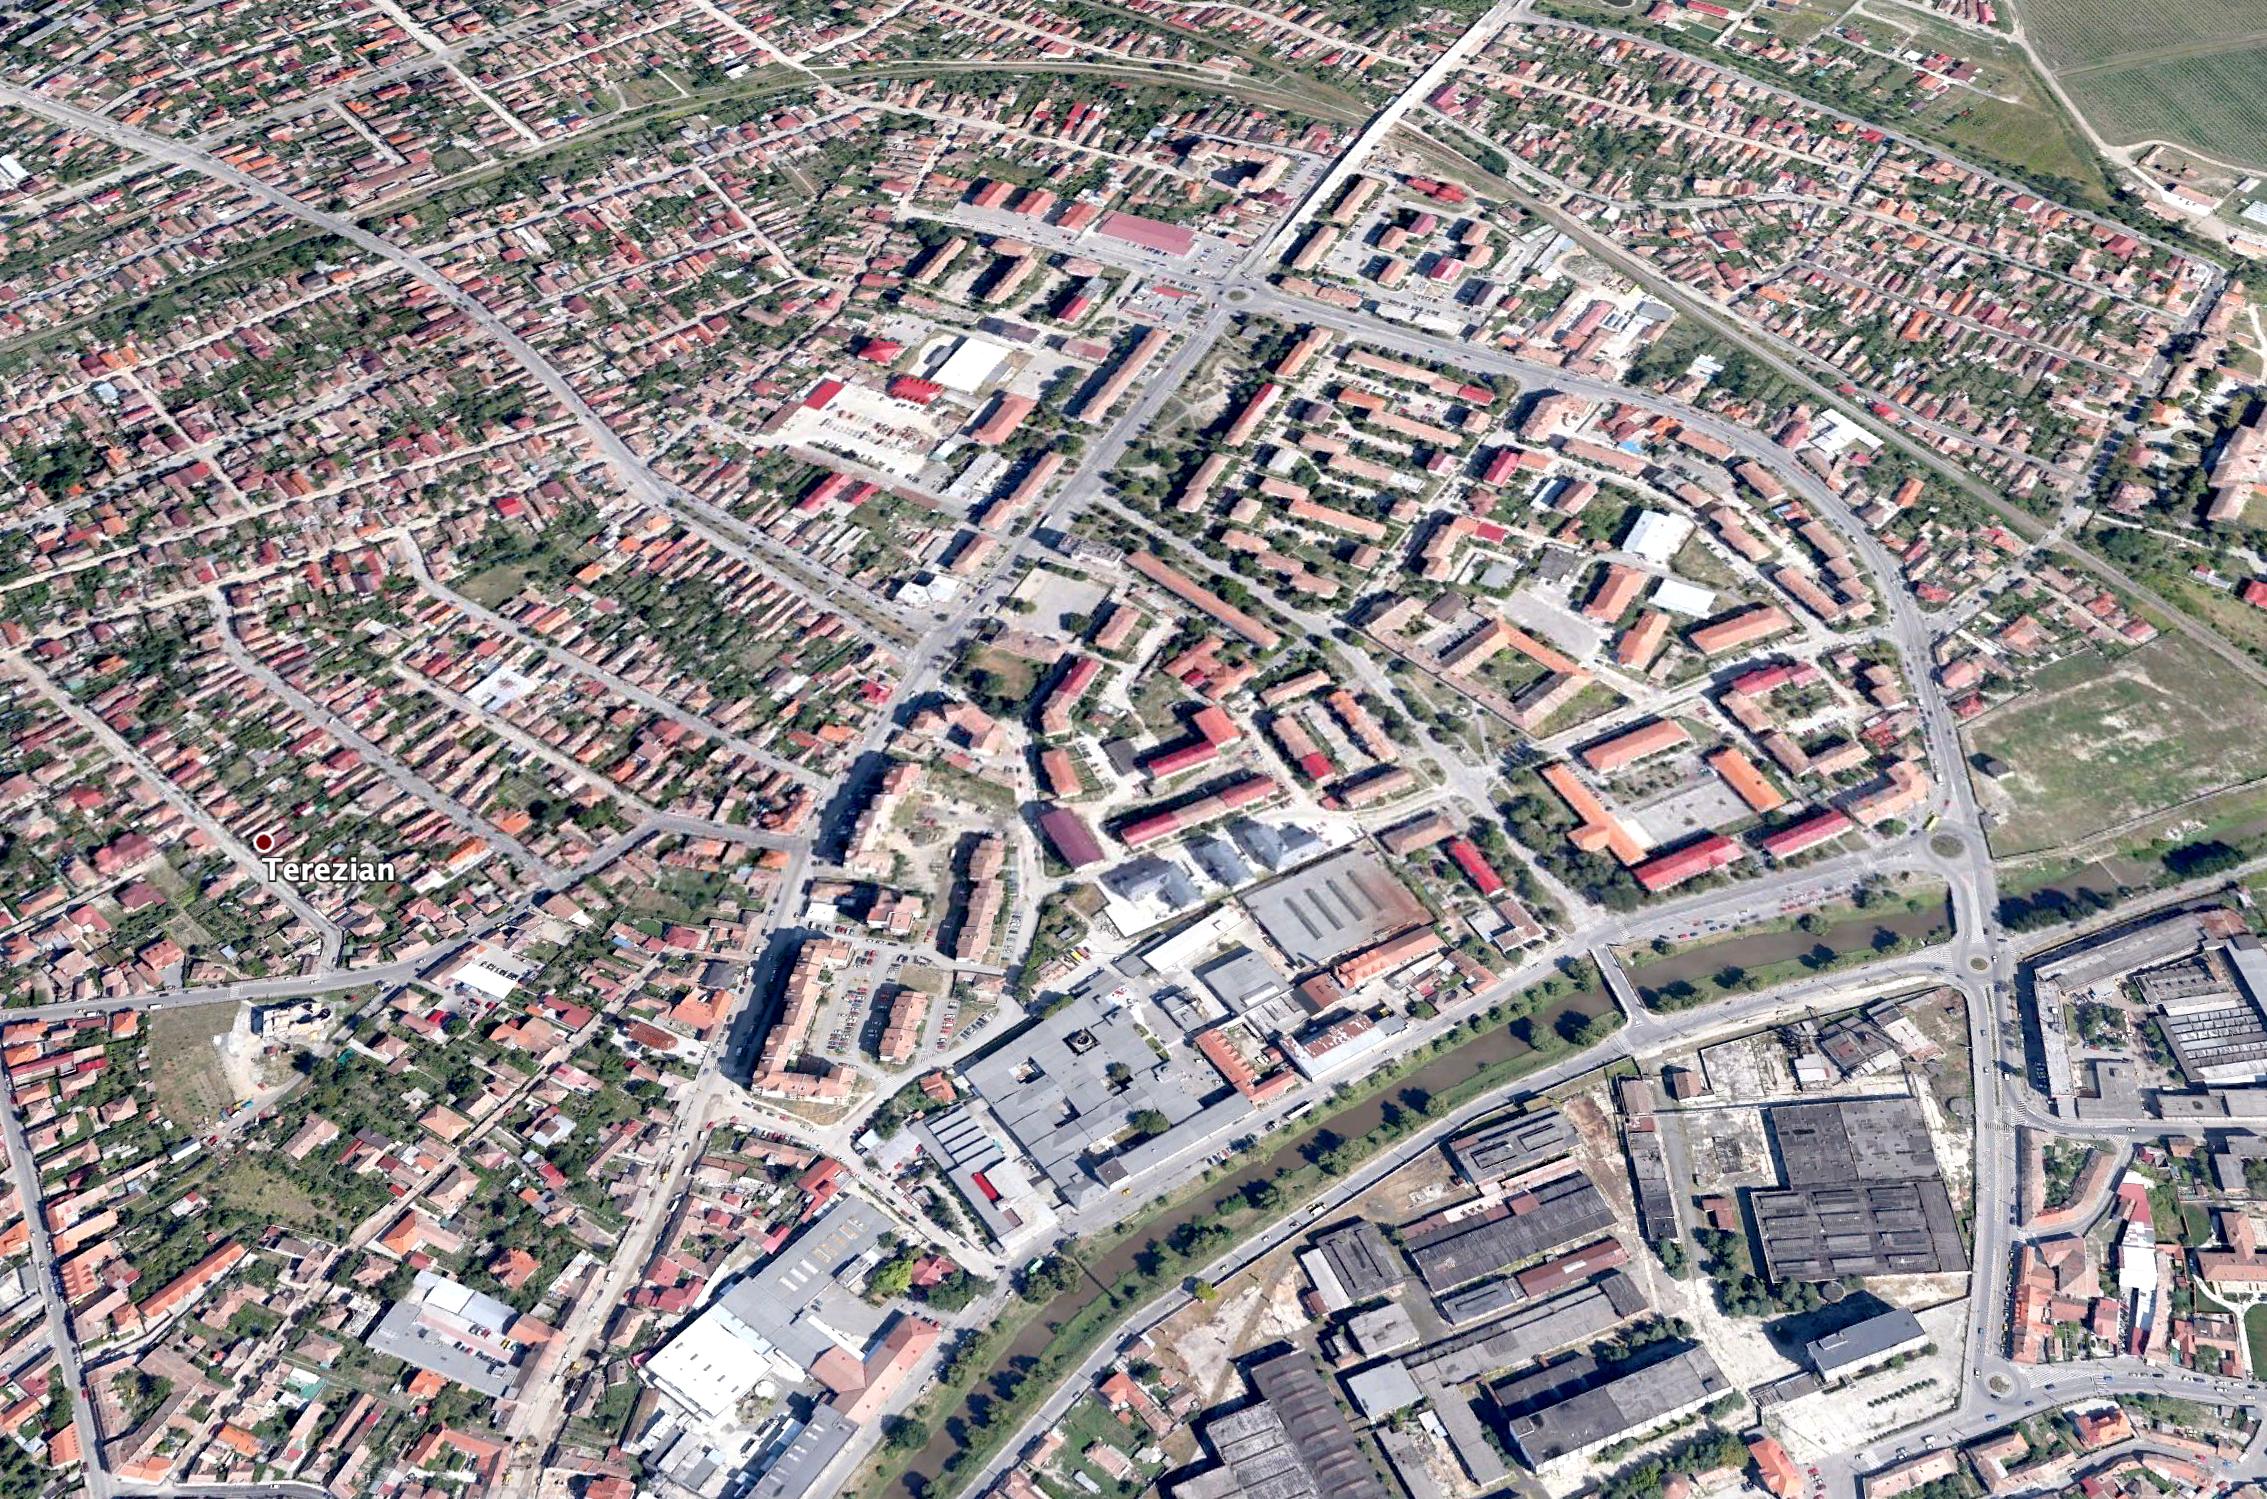 Peste 26 de milioane de lei: o parte din cartierul Terezian a fost scoasă la licitație